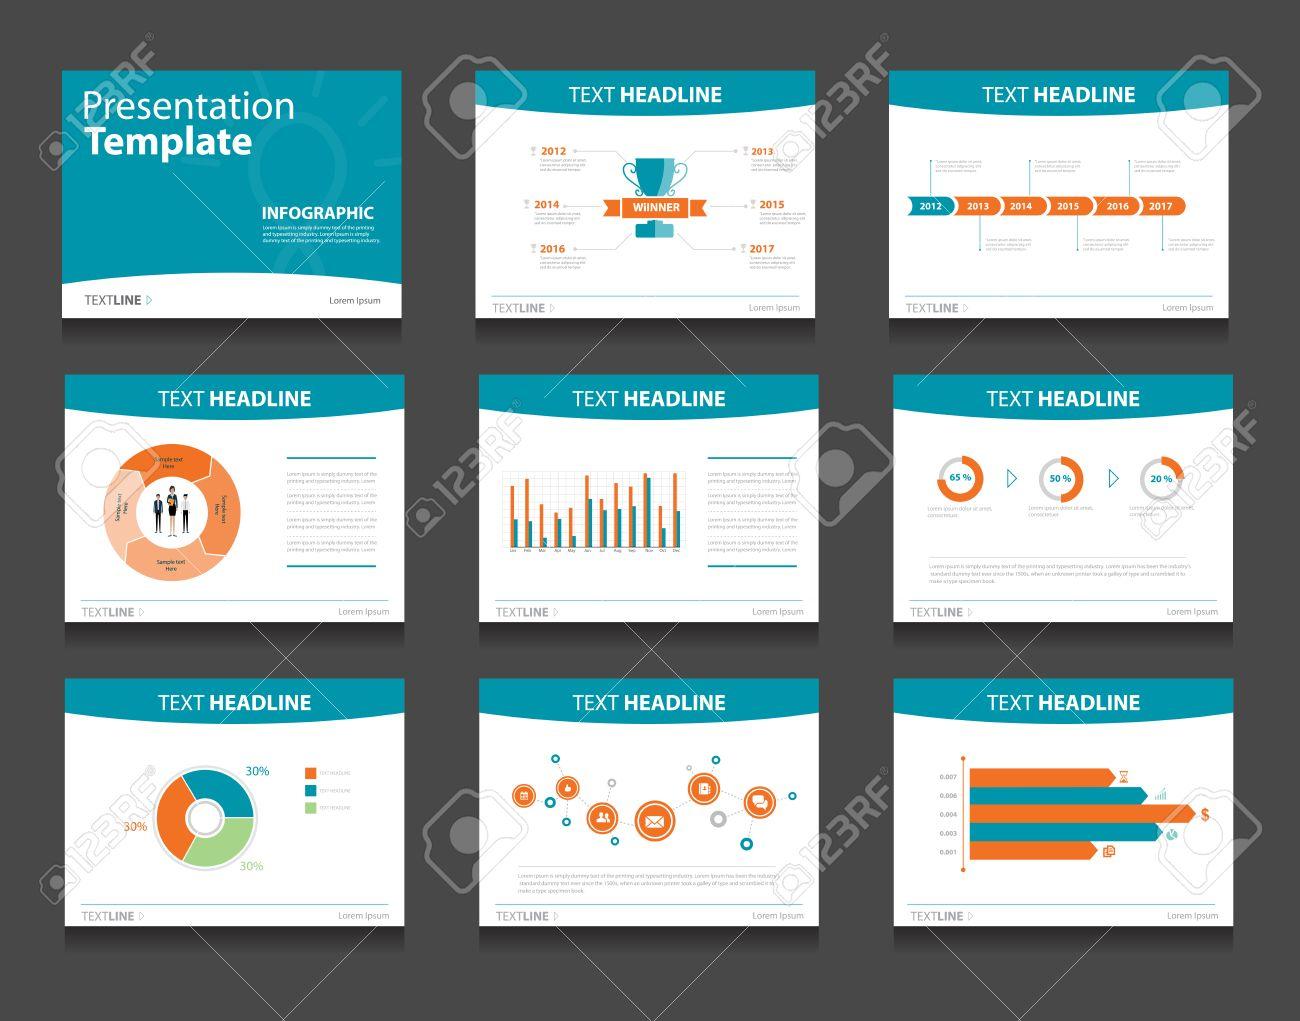 Infográficas Plantilla Powerpoint Fondos De Diseño. Conjunto De ...